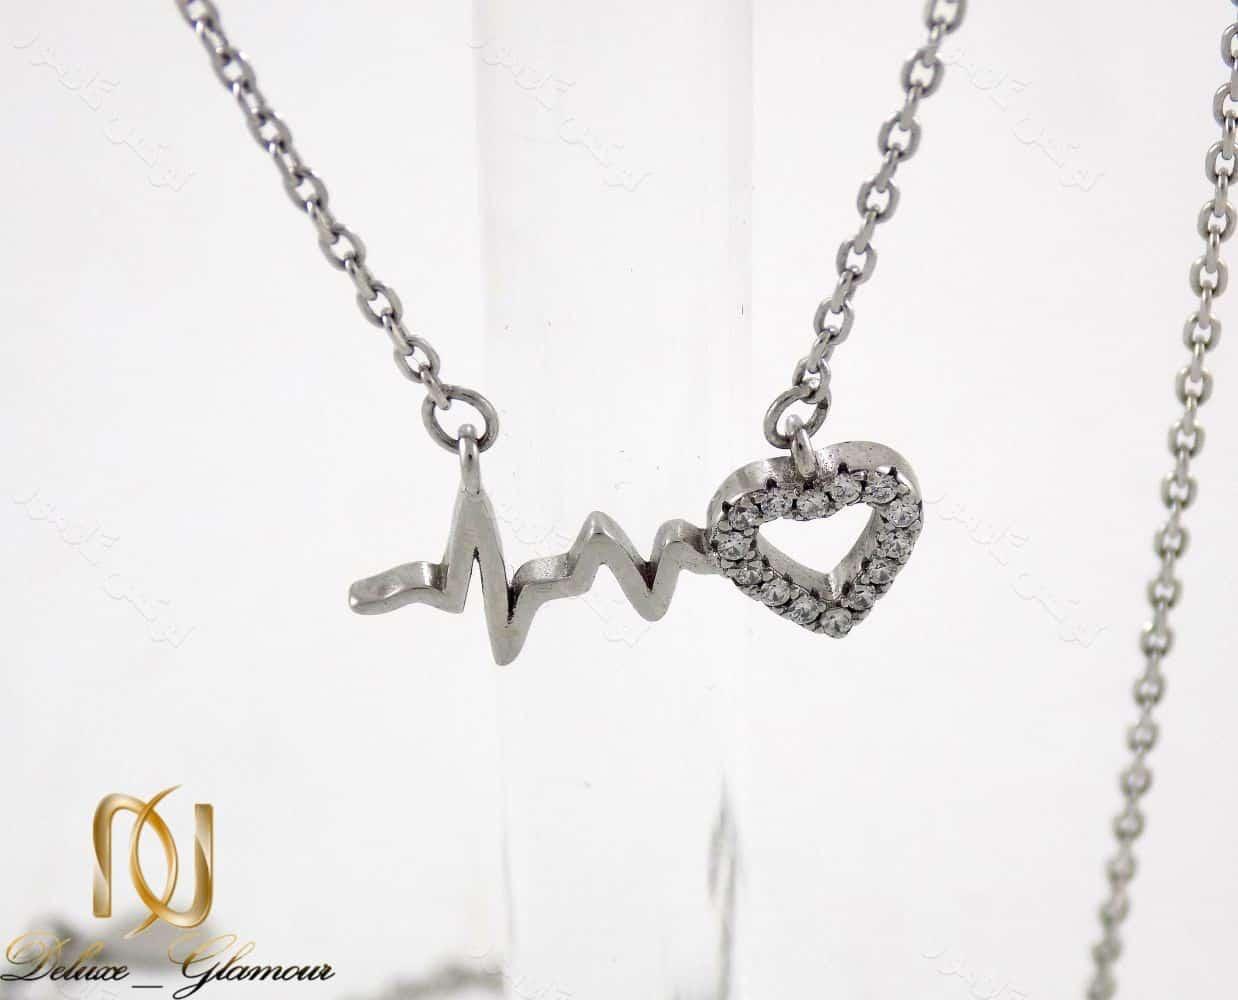 گردنبند نقره دخترانه طرح ضربان و قلب نگین دار nw-n162